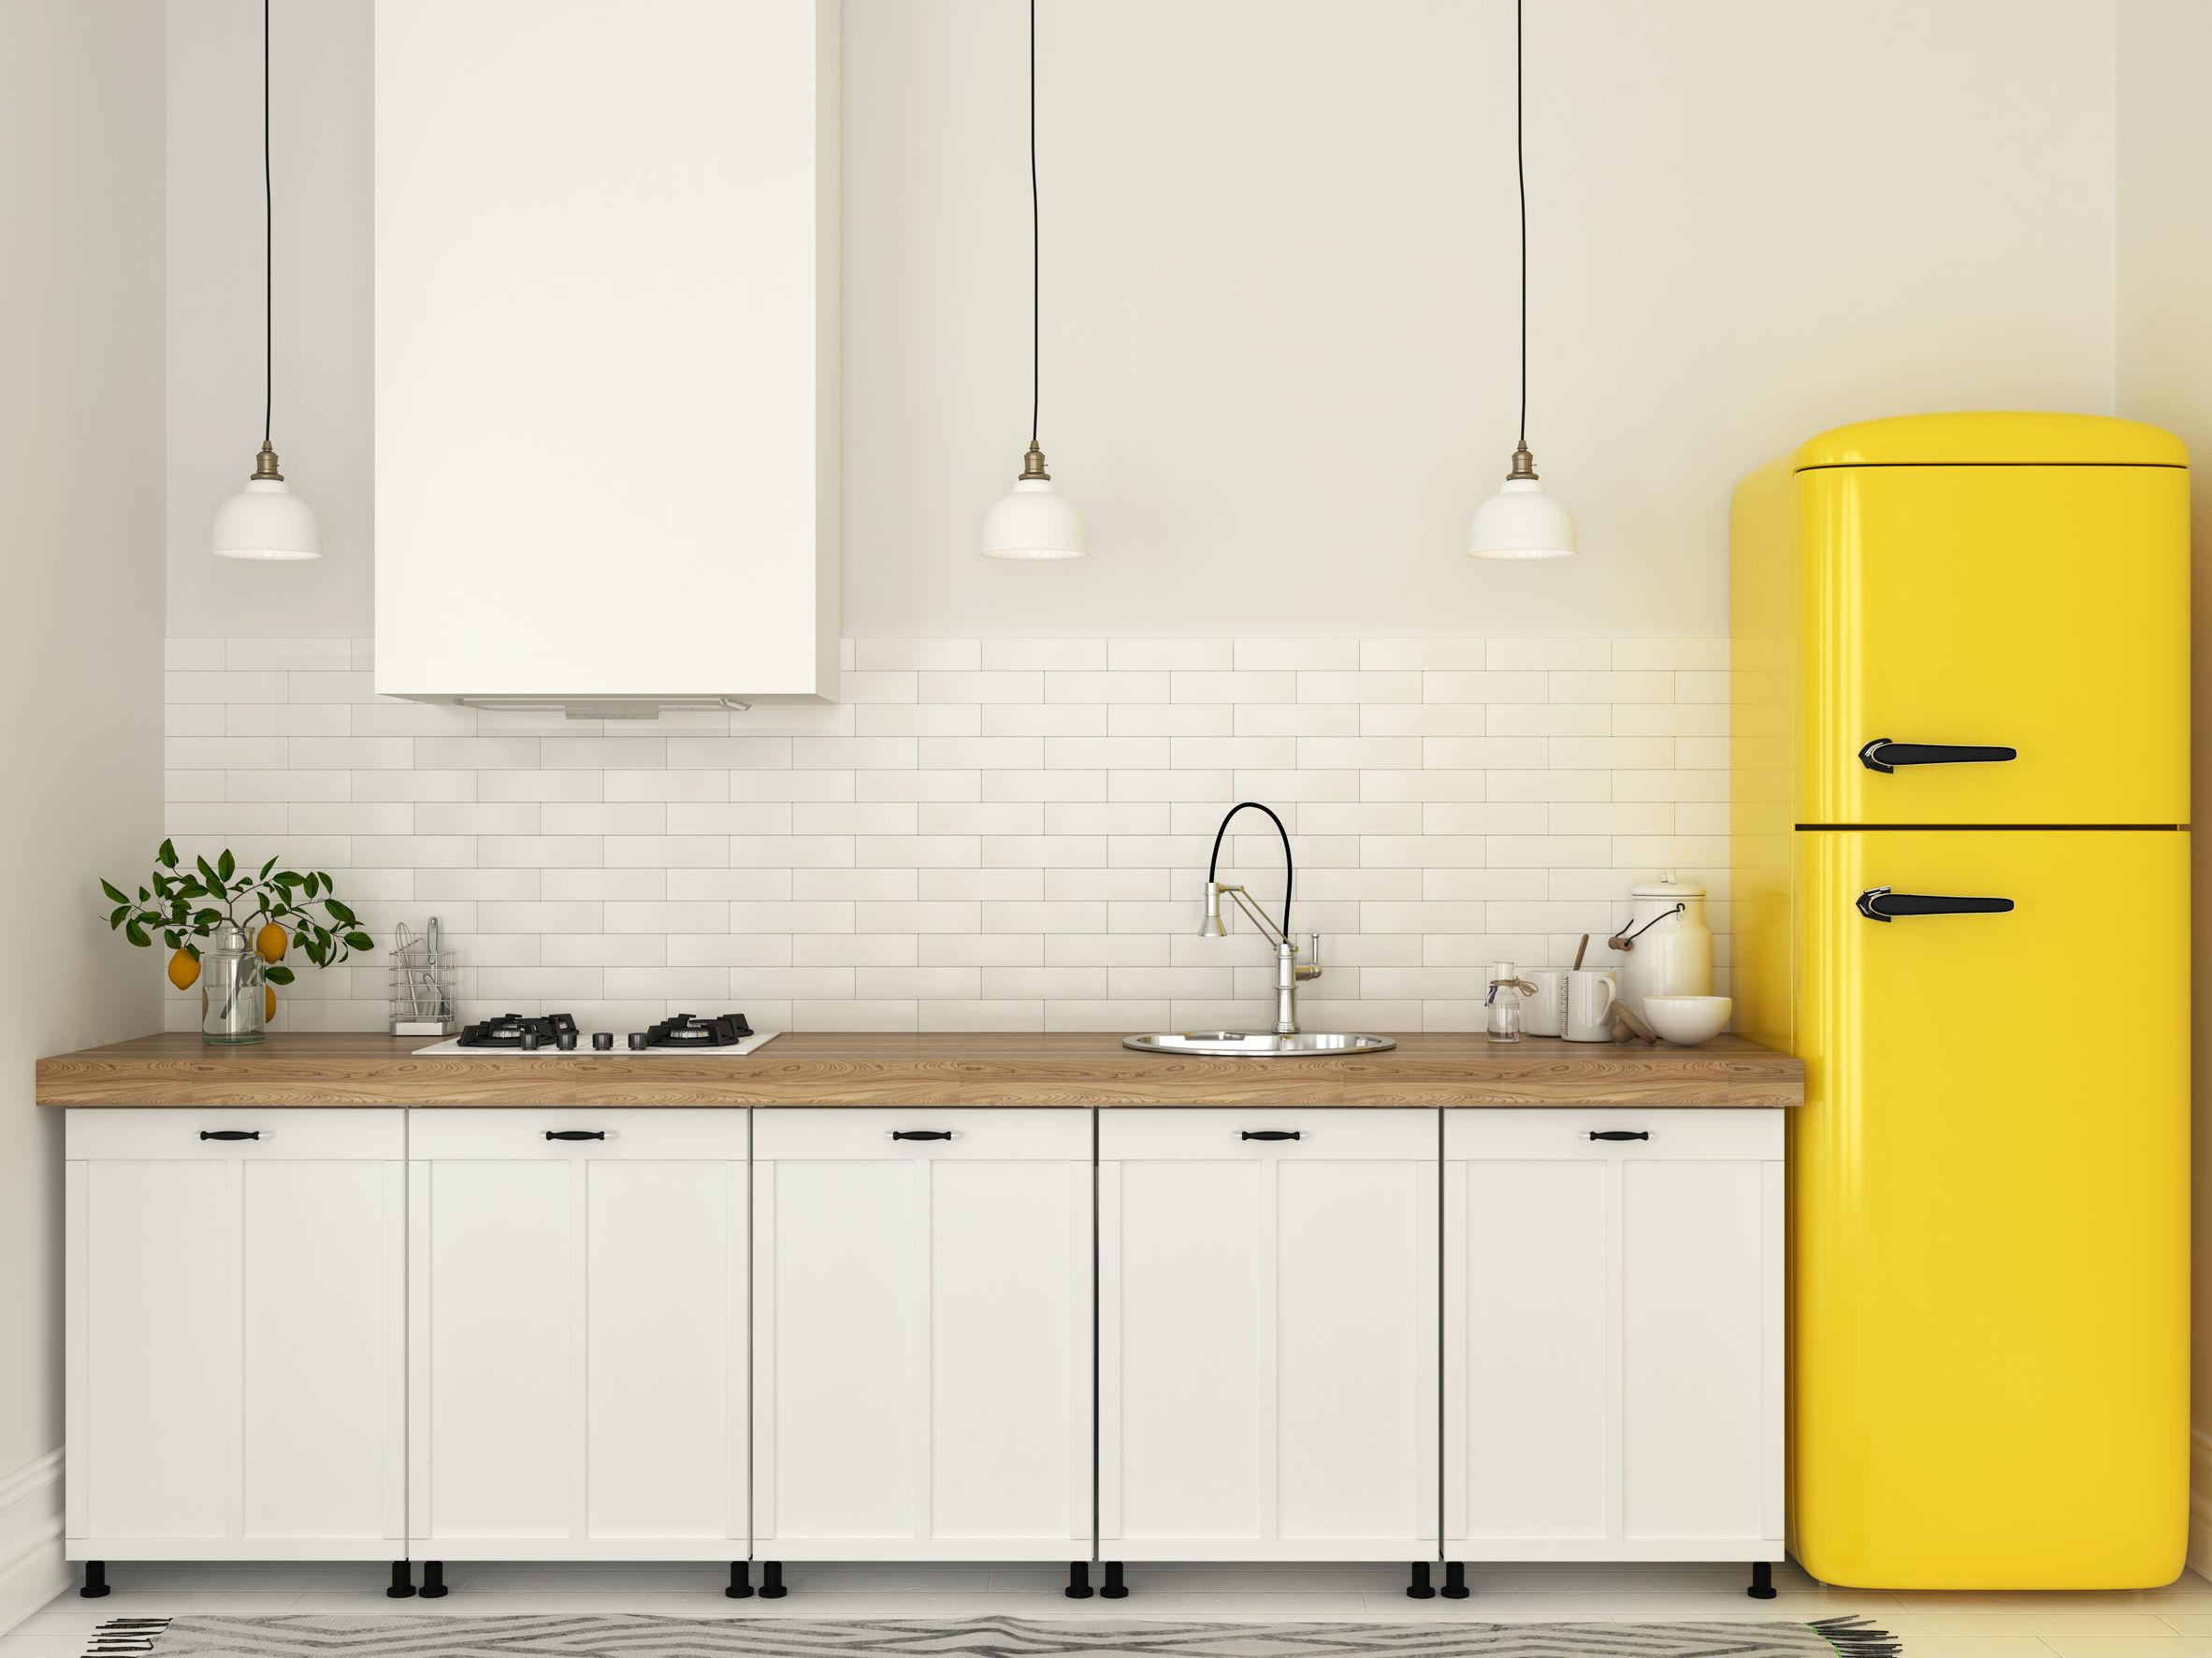 Amica Retro Kühlschrank: Test & Empfehlungen (01/20)